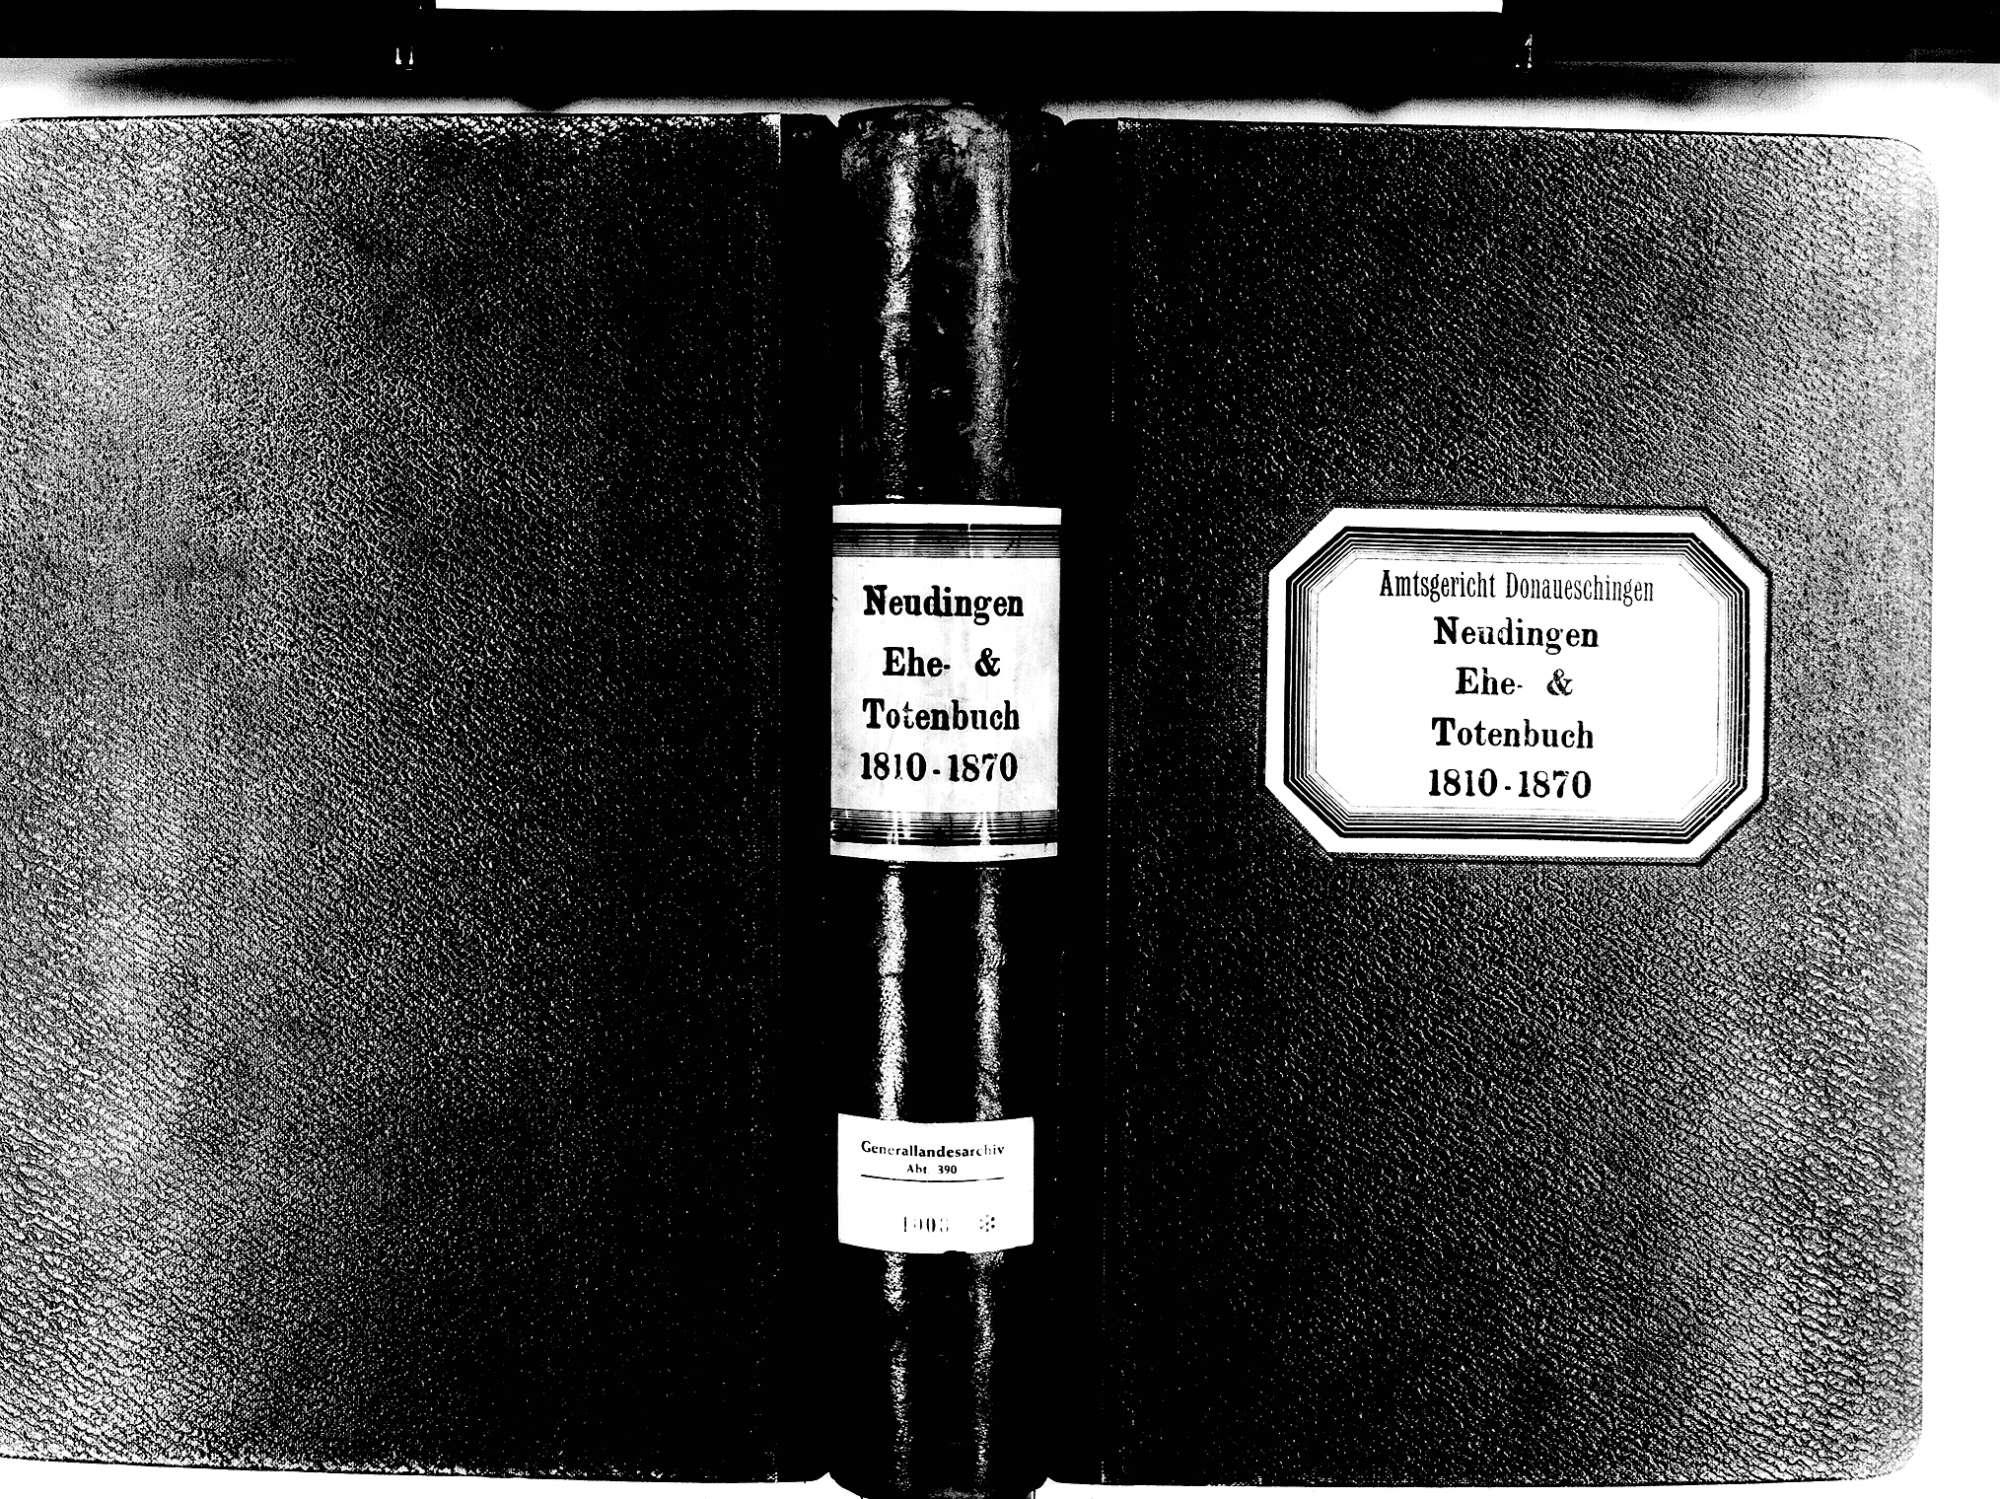 Neudingen, Donaueschingen VS; Katholische Gemeinde: Heiratsbuch 1810-1870 Neudingen, Donaueschingen VS; Katholische Gemeinde: Sterbebuch 1810-1870, Bild 1